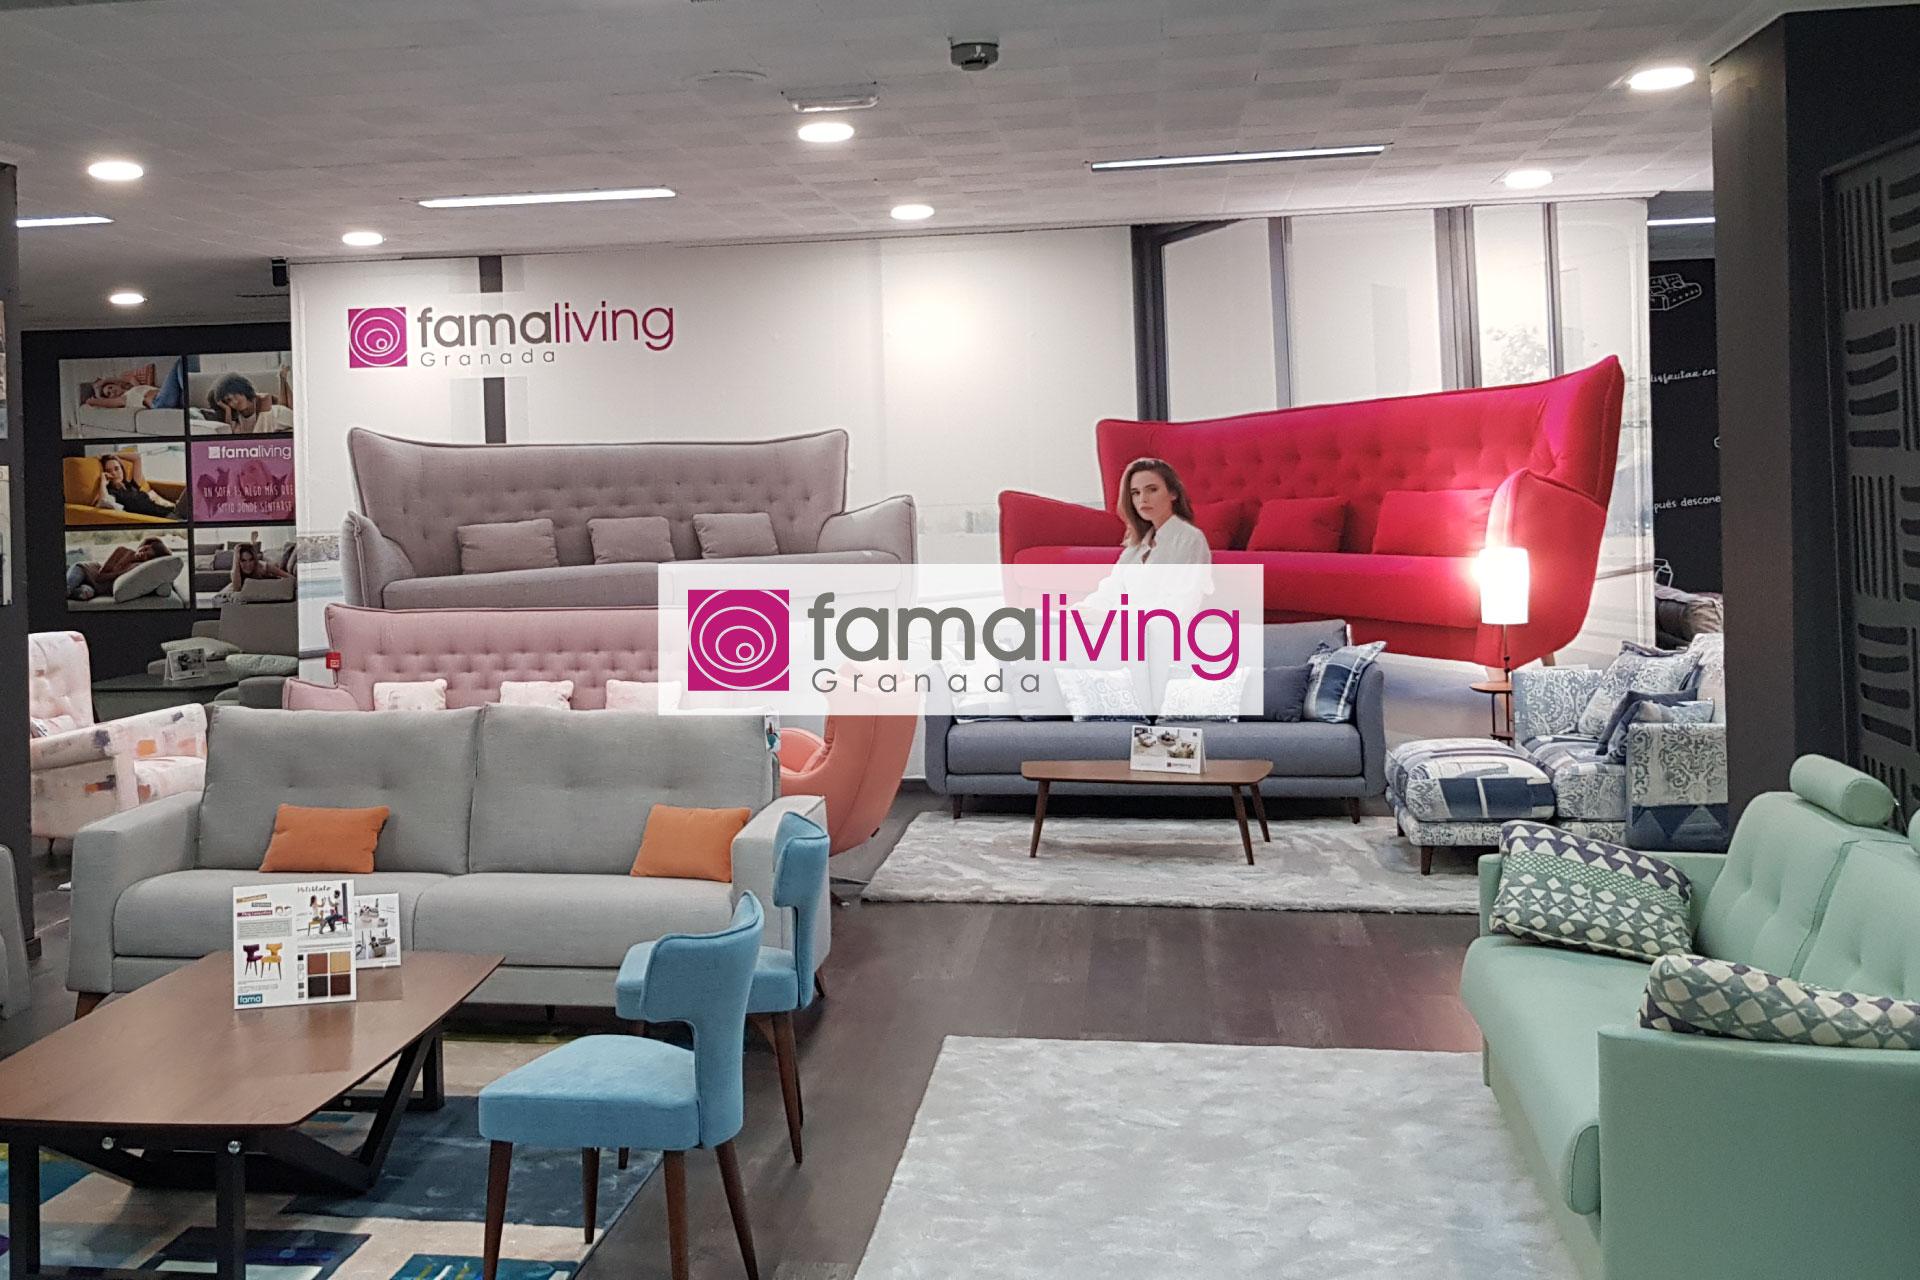 Famaliving Granada - Tienda de sofás